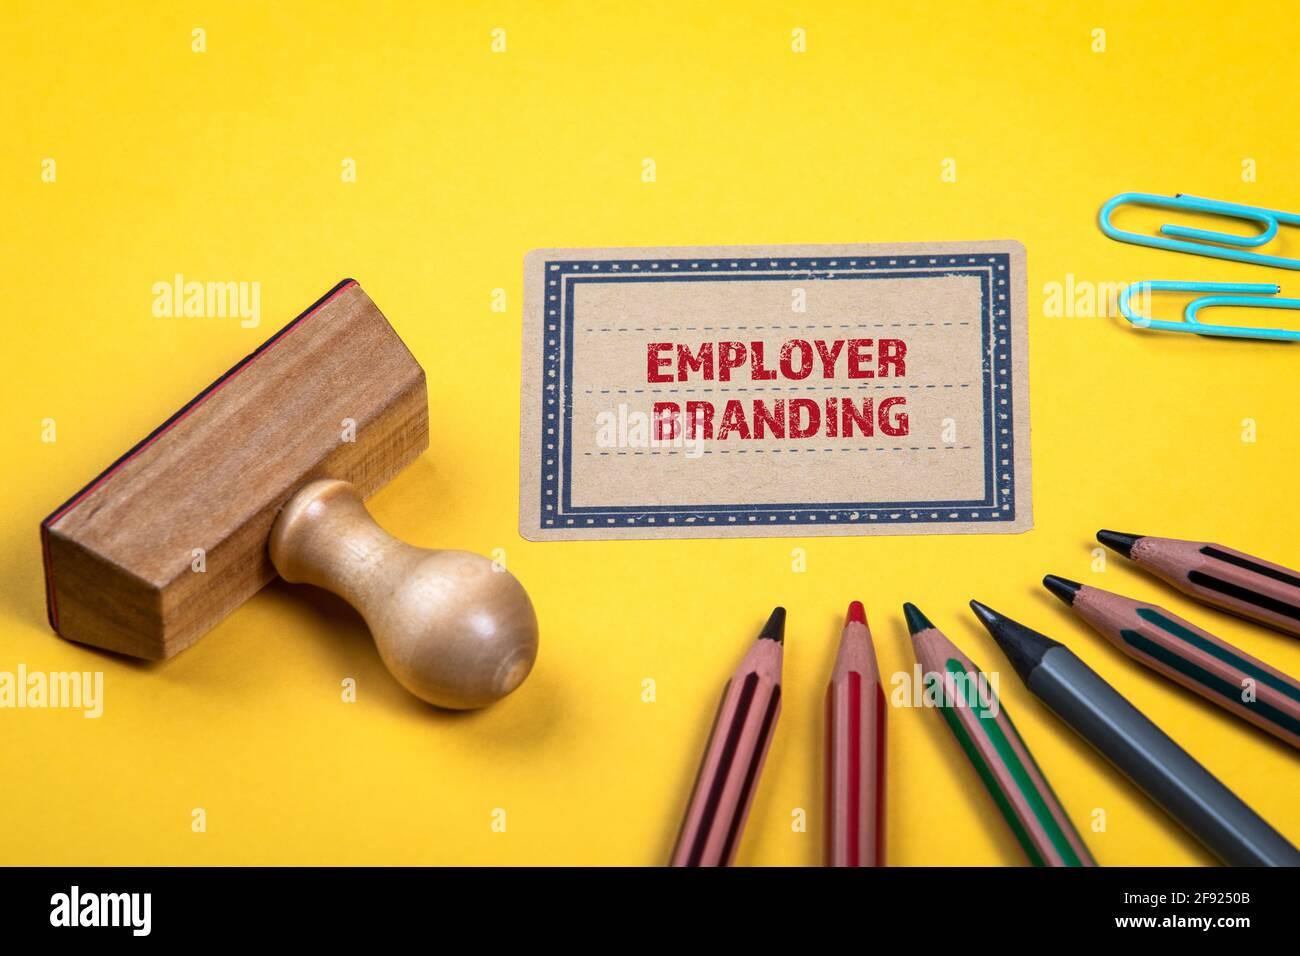 Concetto di branding del datore di lavoro. Cartella gialla di note e documenti. Materiali di consumo per ufficio. Foto Stock